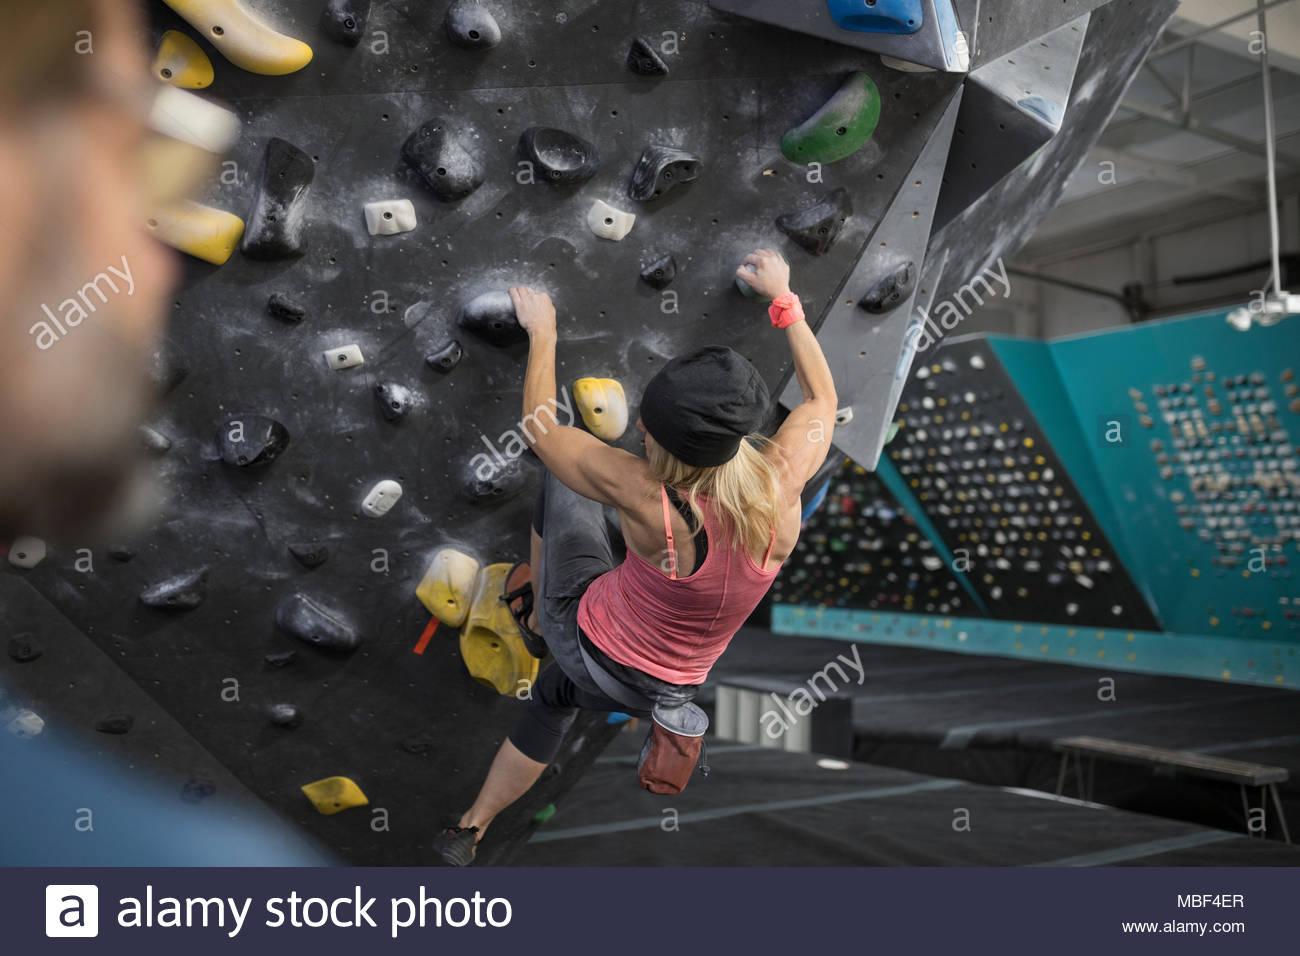 Forte e tenace, femmina matura rocciatore parete di arrampicata in palestra di arrampicata Immagini Stock